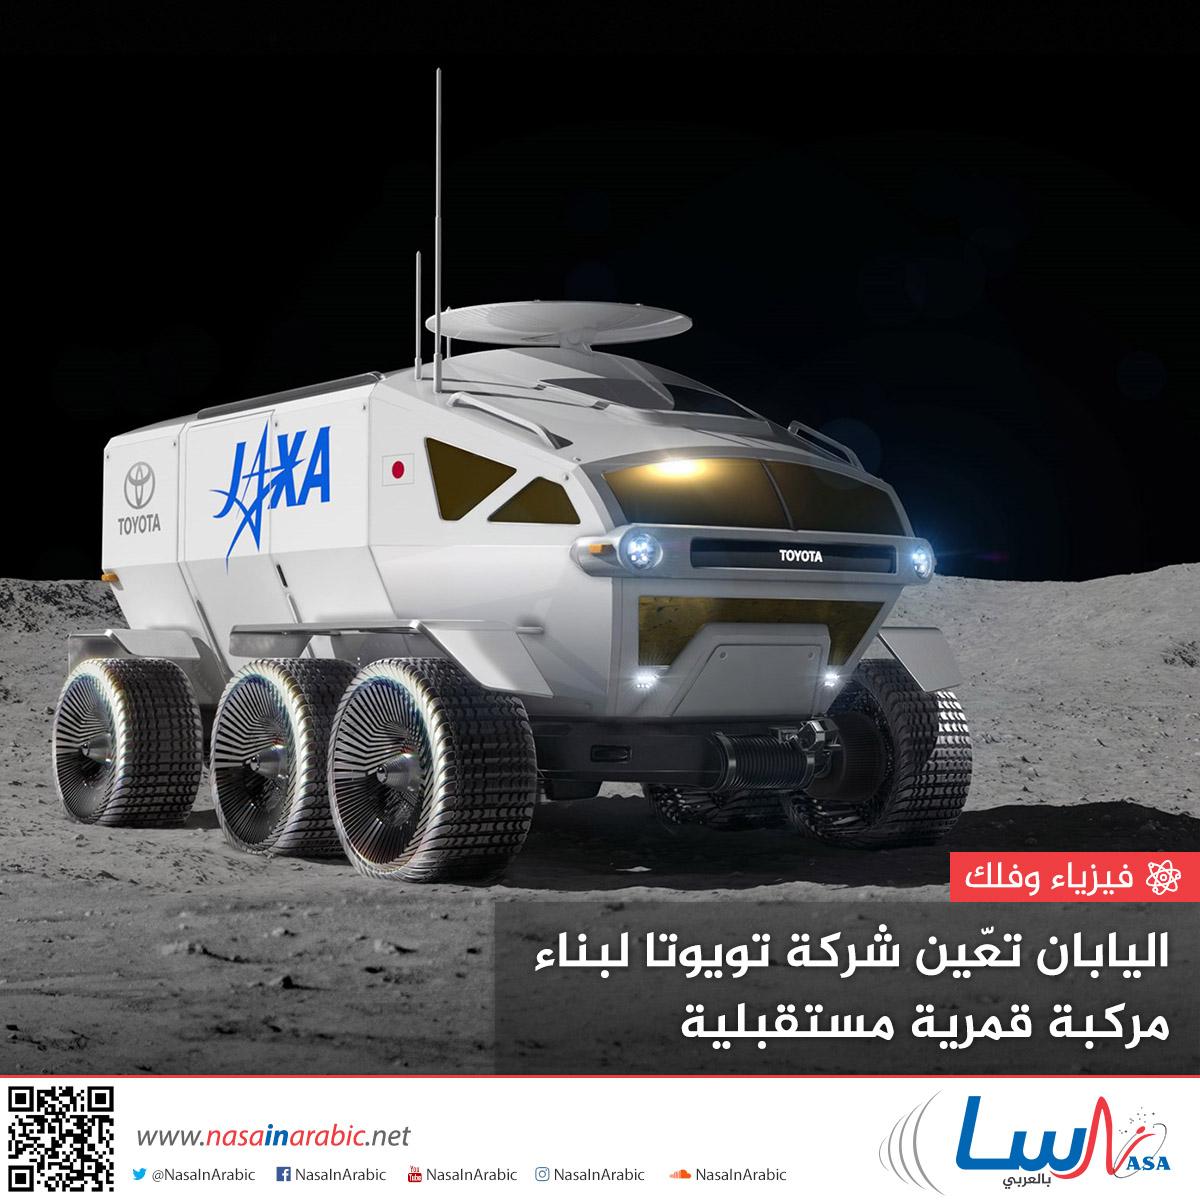 اليابان تعّين شركة تويوتا لبناء مركبة قمرية مستقبلية